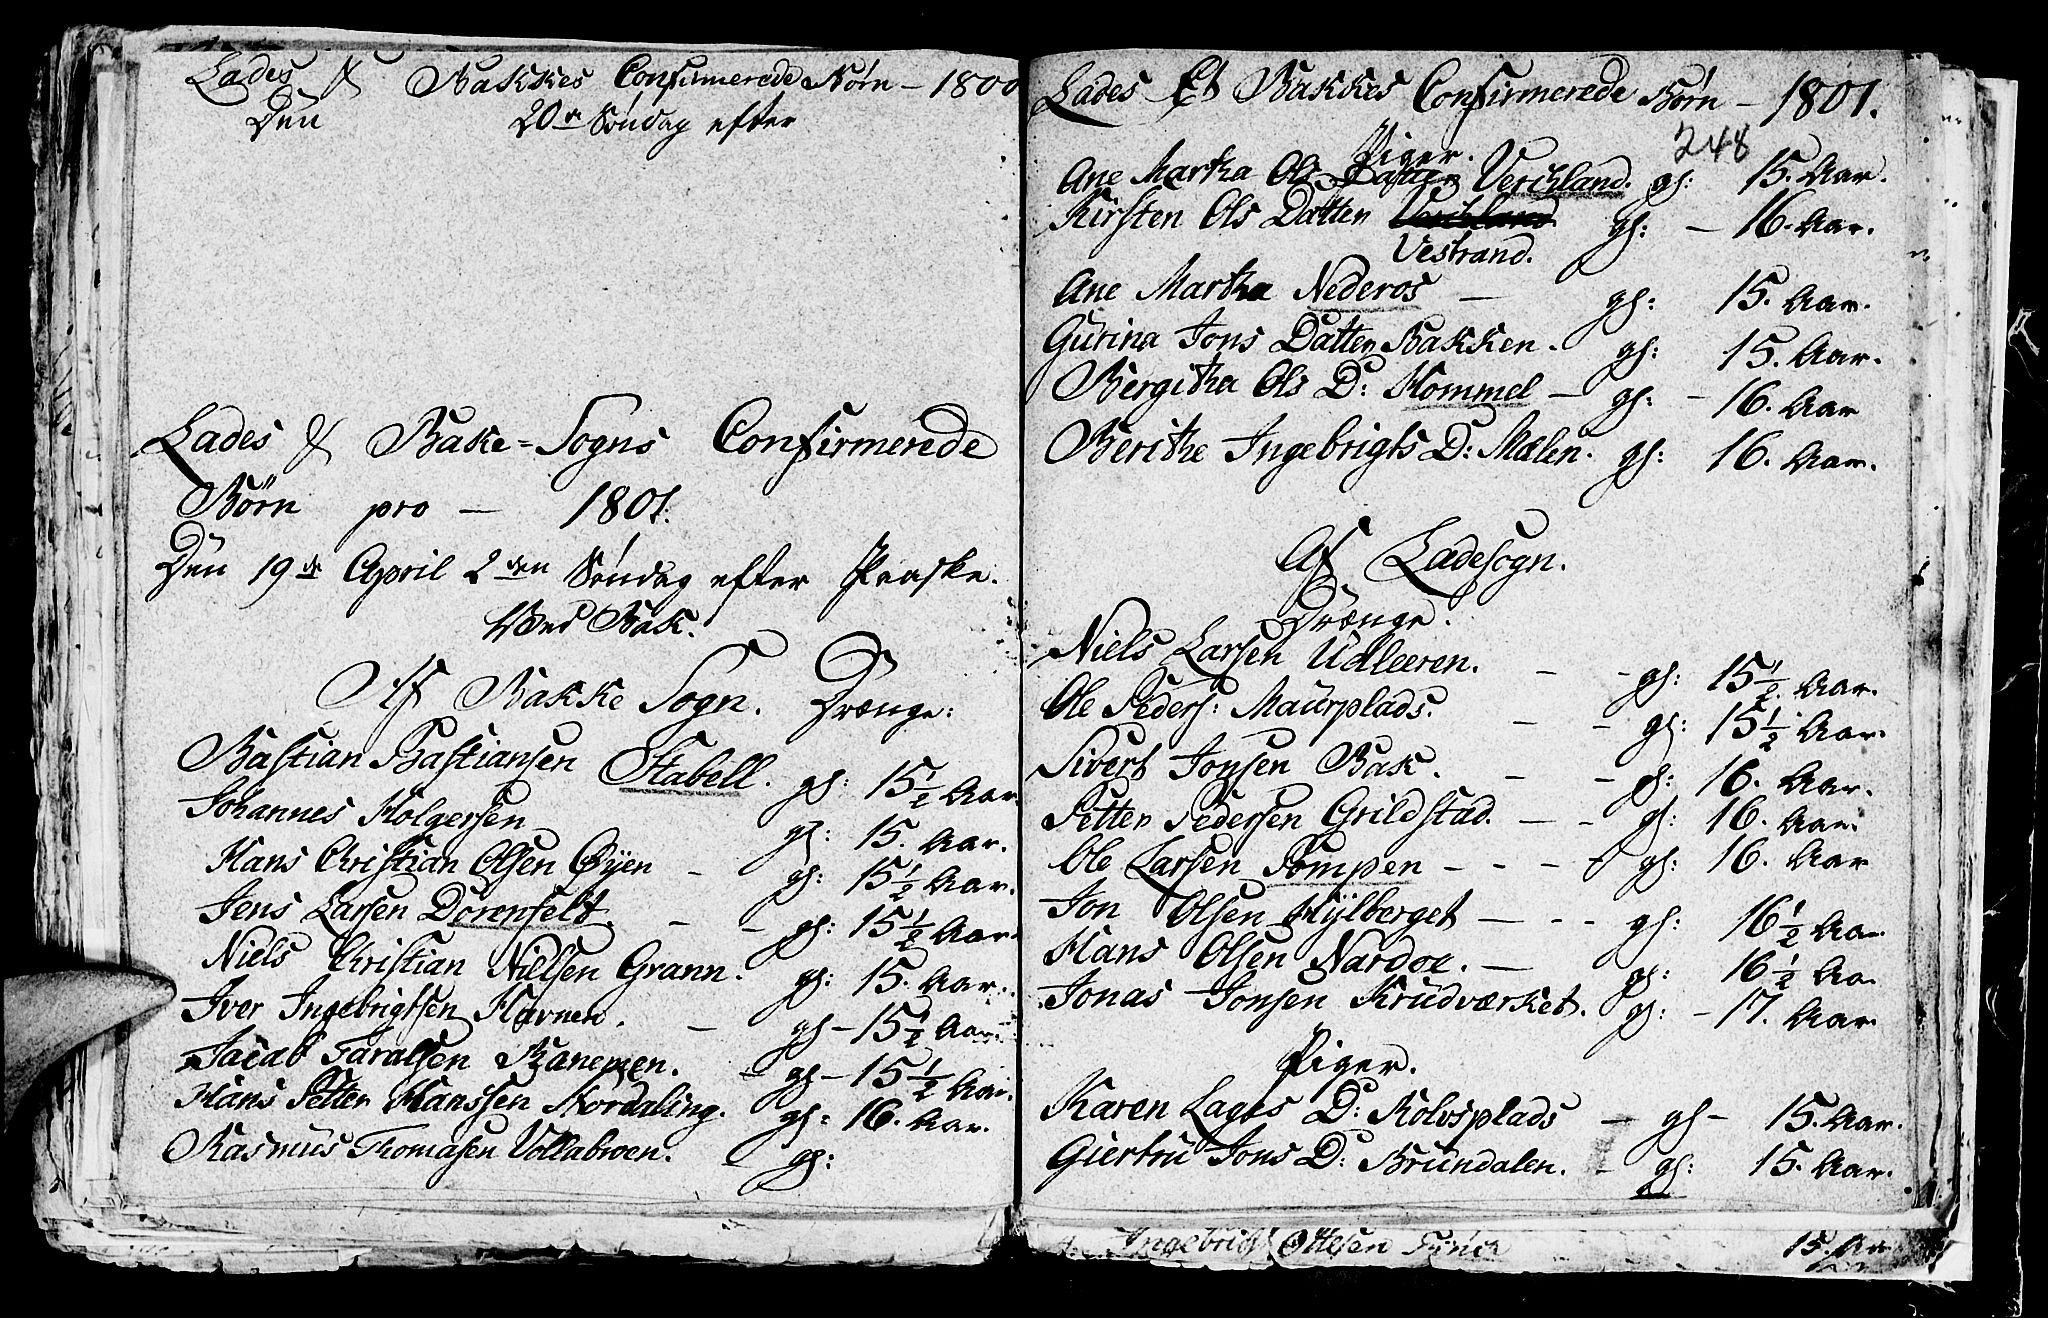 SAT, Ministerialprotokoller, klokkerbøker og fødselsregistre - Sør-Trøndelag, 604/L0218: Klokkerbok nr. 604C01, 1754-1819, s. 248